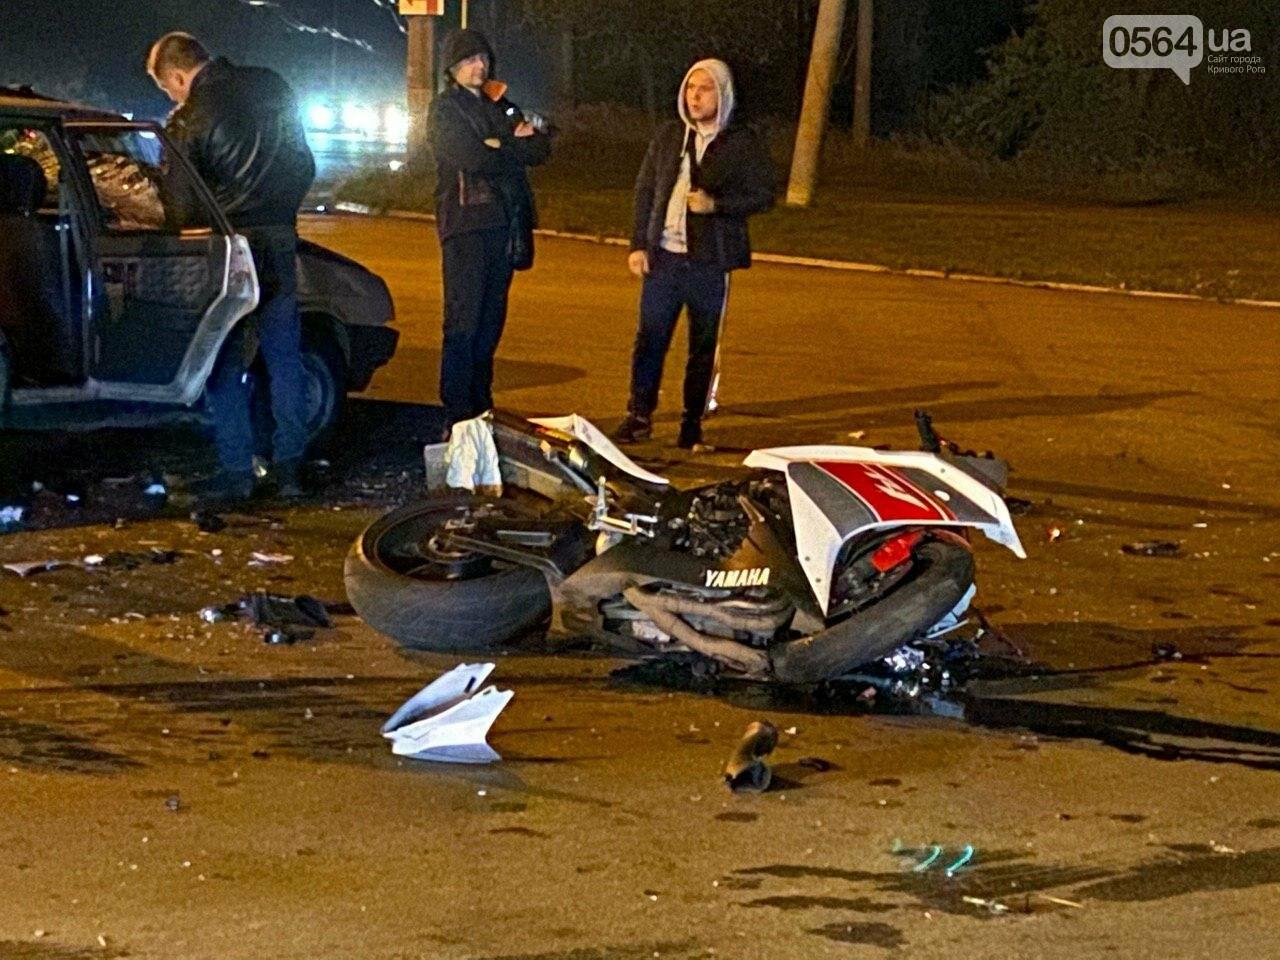 Тройное ДТП в Кривом Роге - дорогу не поделили мотоцикл и две легковушки. Есть пострадавшие, - ФОТО, ВИДЕО, фото-10